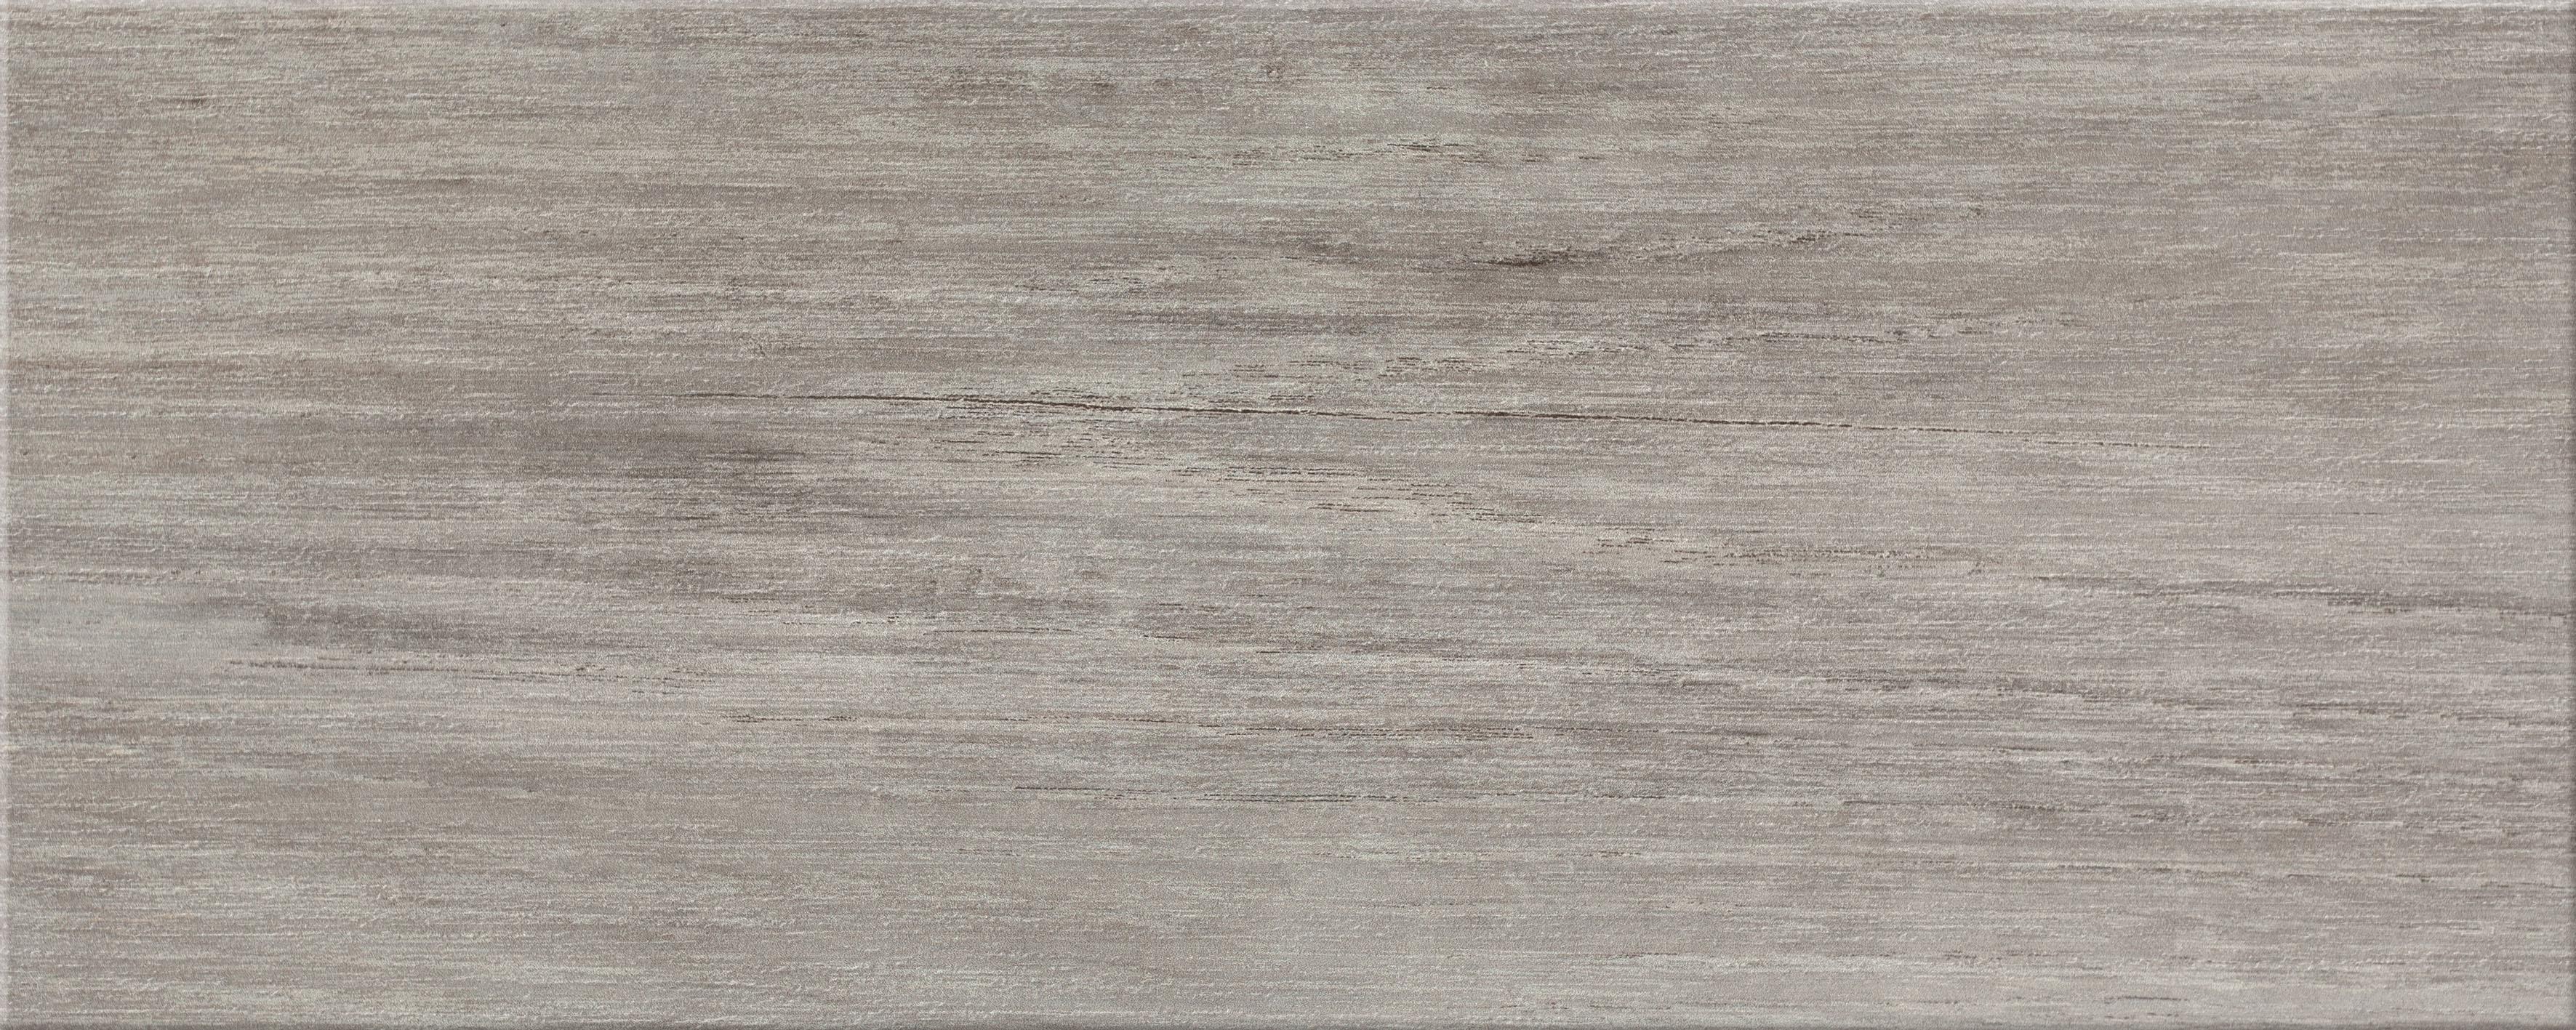 Livi nut - obkládačka 19,8x59,8 hnědá